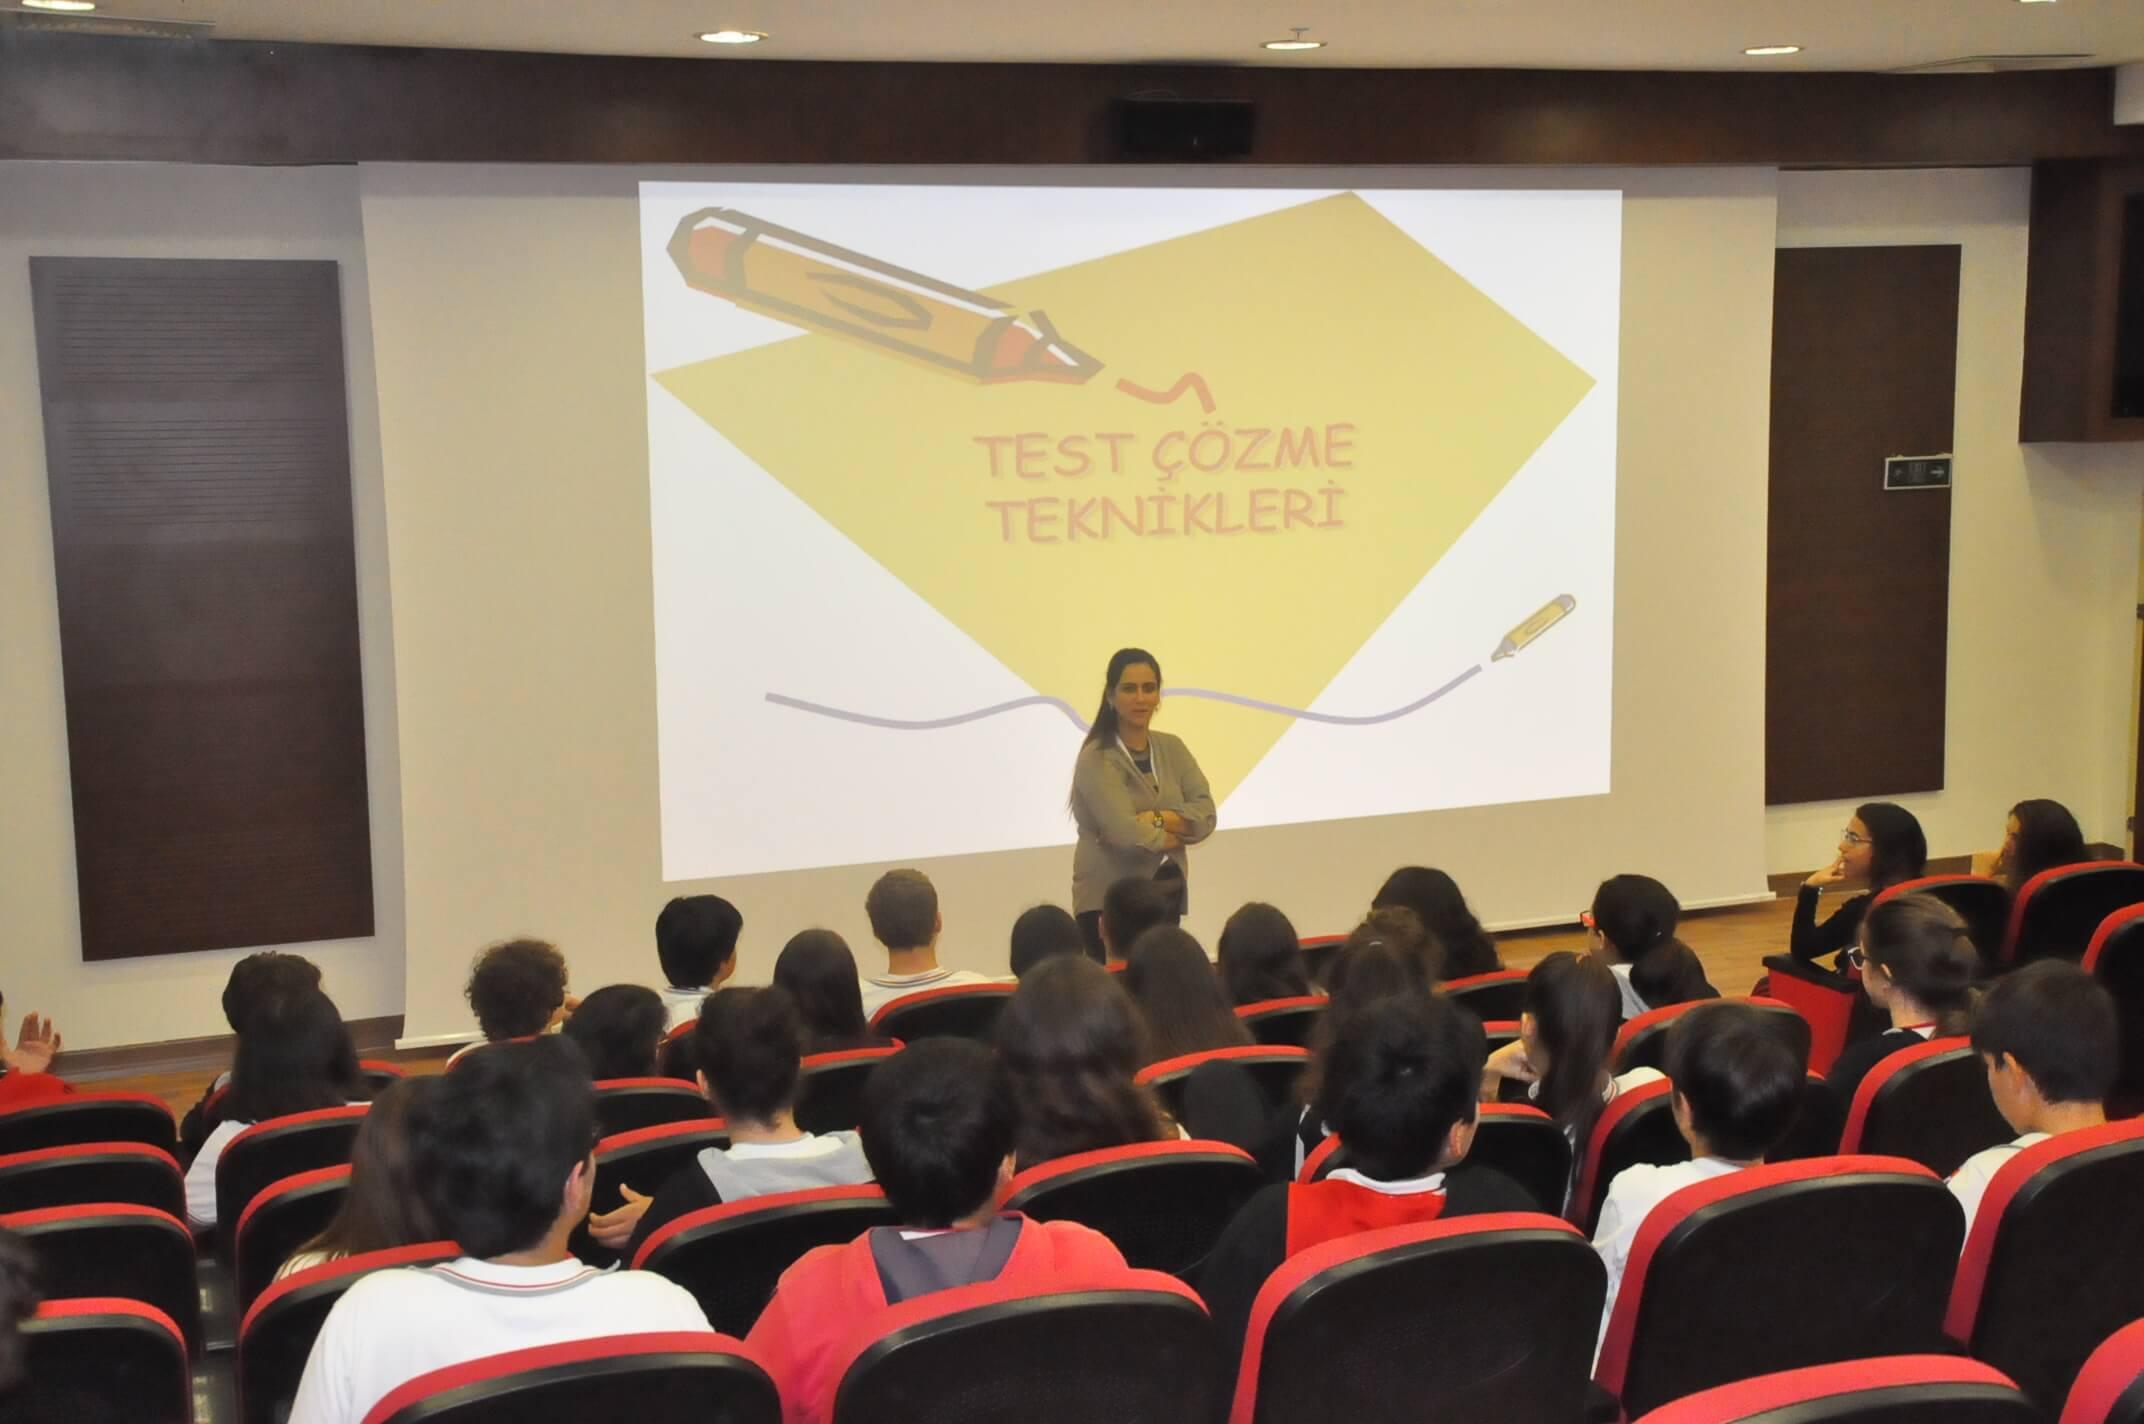 """7. Sınıf Öğrencilerimize Yönelik """"Test Çözme Teknikleri"""" Konulu Seminer Düzenlendi"""